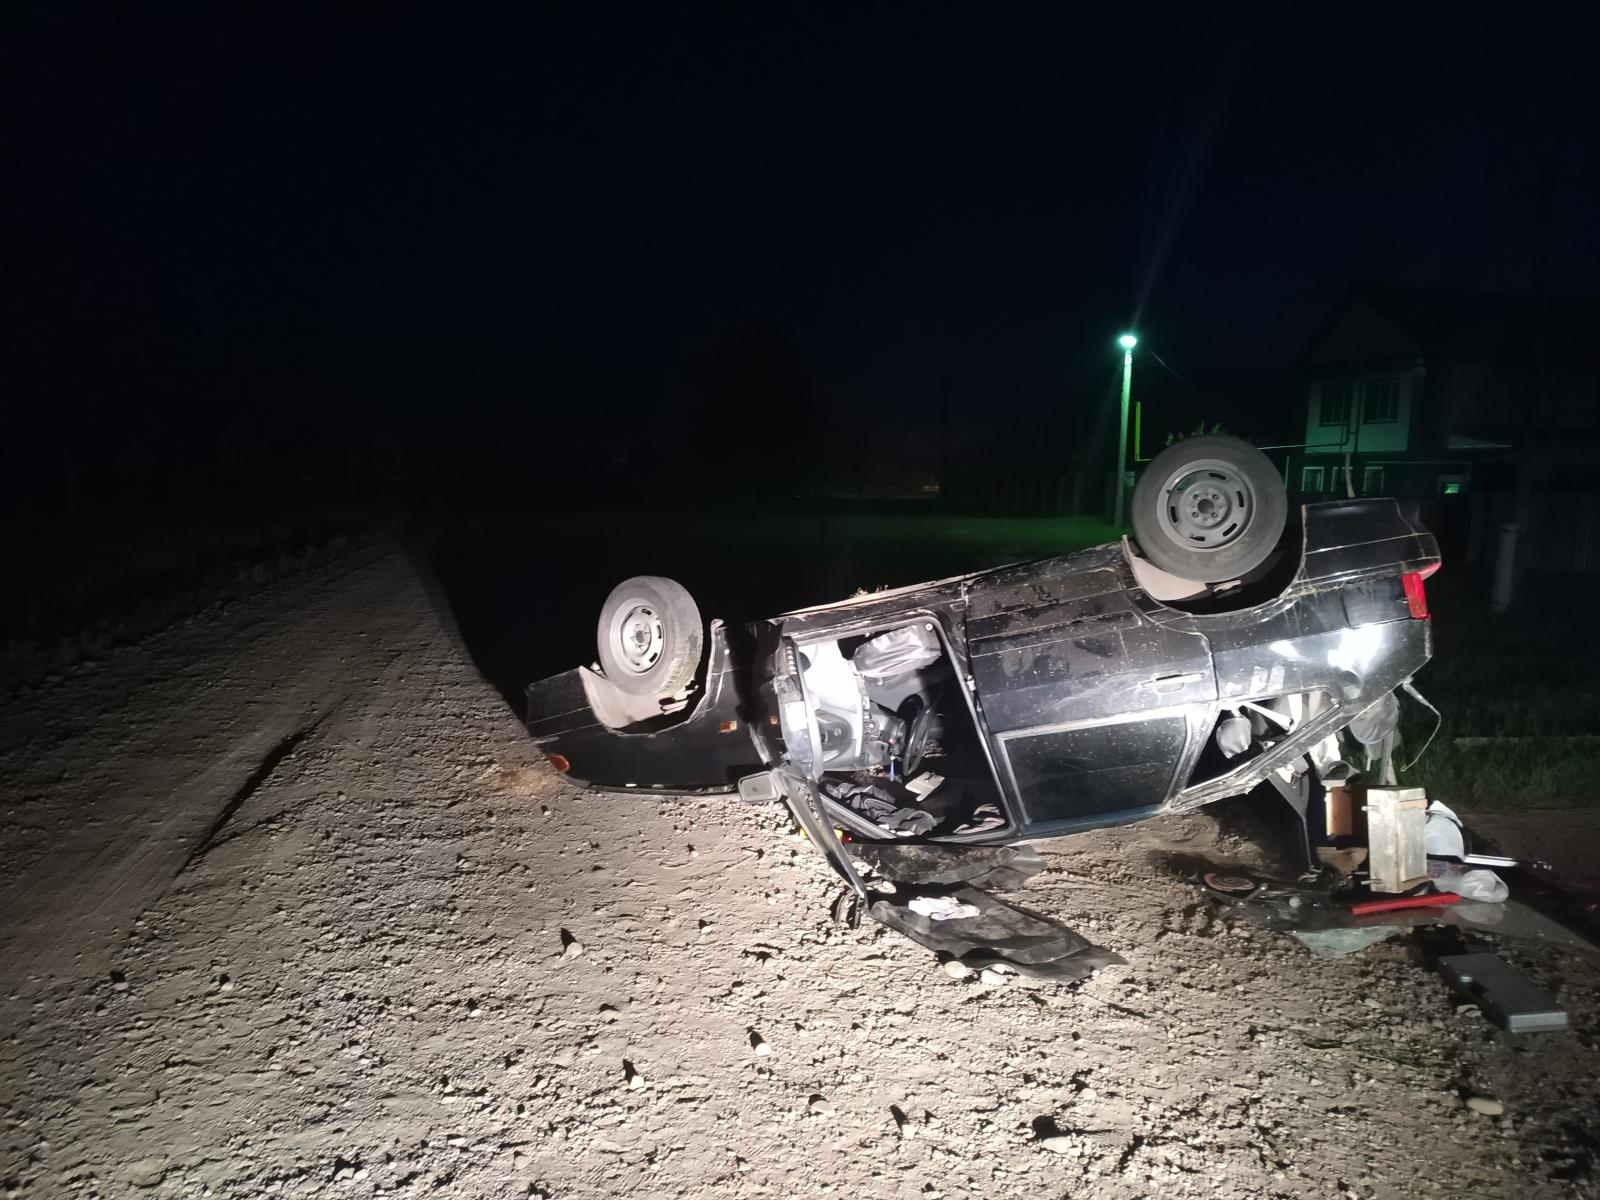 В Башкирии перевернулась вазовская «четырнадцатая» с пьяным водителем за рулем